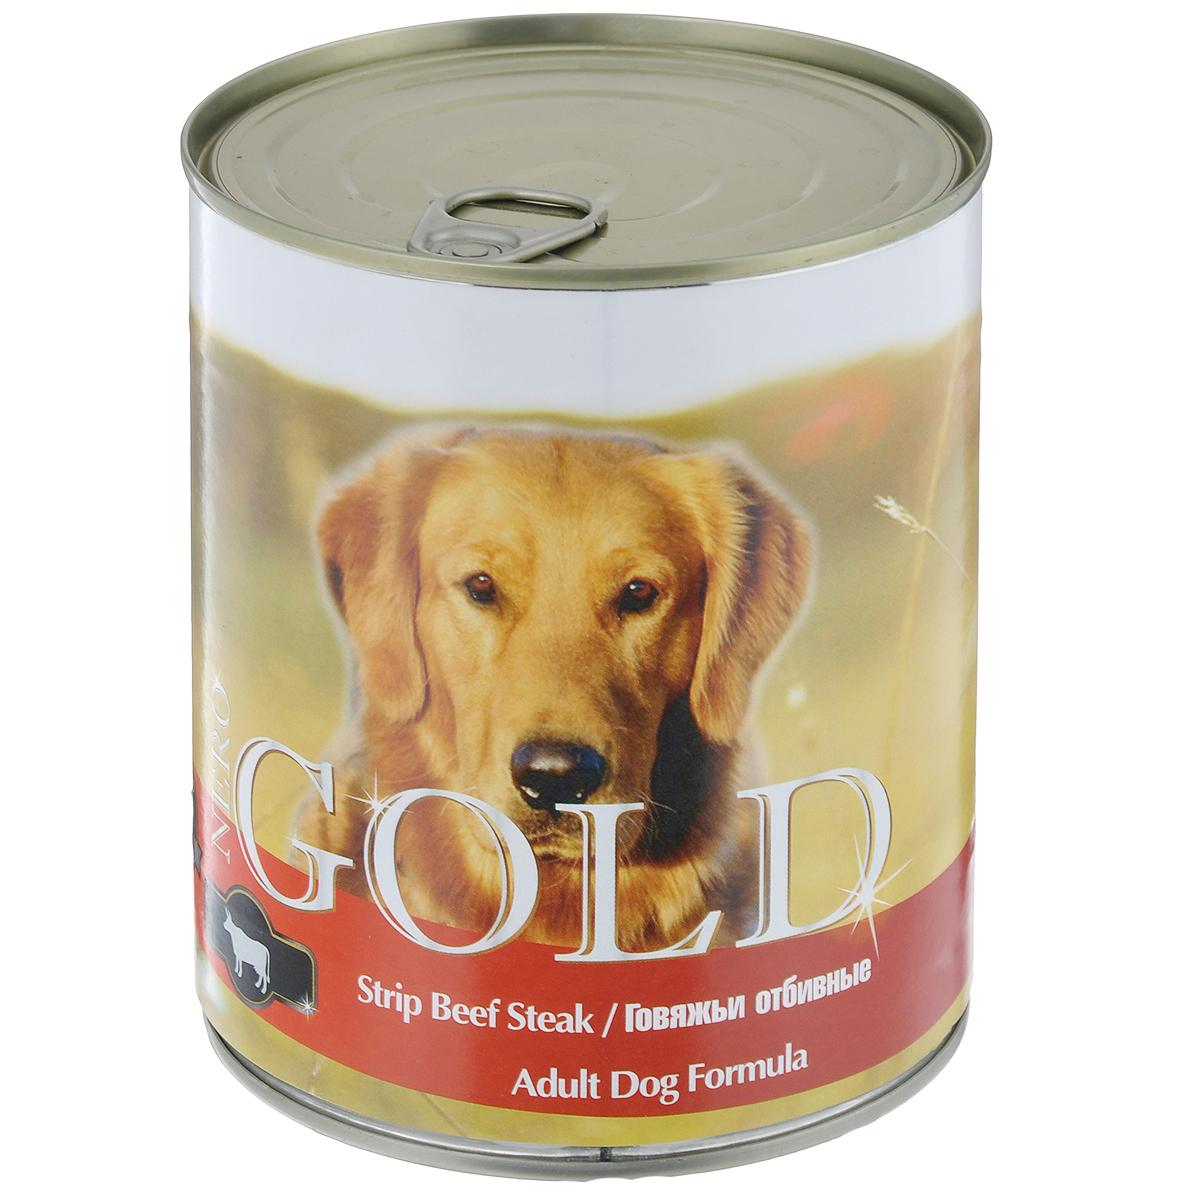 Консервы для собак Nero Gold, с говяжьей отбивной, 810 г10271Консервы для собак Nero Gold - полнорационный продукт, содержащий все необходимые витамины и минералы, сбалансированный для поддержания оптимального здоровья вашего питомца! Состав: мясо и его производные, филе курицы, говядина, злаки, витамины и минералы. Гарантированный анализ: белки 6,5%, жиры 4,5%, клетчатка 0,5%, зола 2%, влага 81%. Пищевые добавки на 1 кг продукта: витамин А 1600 МЕ, витамин D 140 МЕ, витамин Е 10 МЕ, железо 24 мг, марганец 6 мг, цинк 15 мг, медь 1 мг, магний 200 мг, йод 0,3 мг, селен 0,2 мг. Вес: 810 г. Товар сертифицирован.